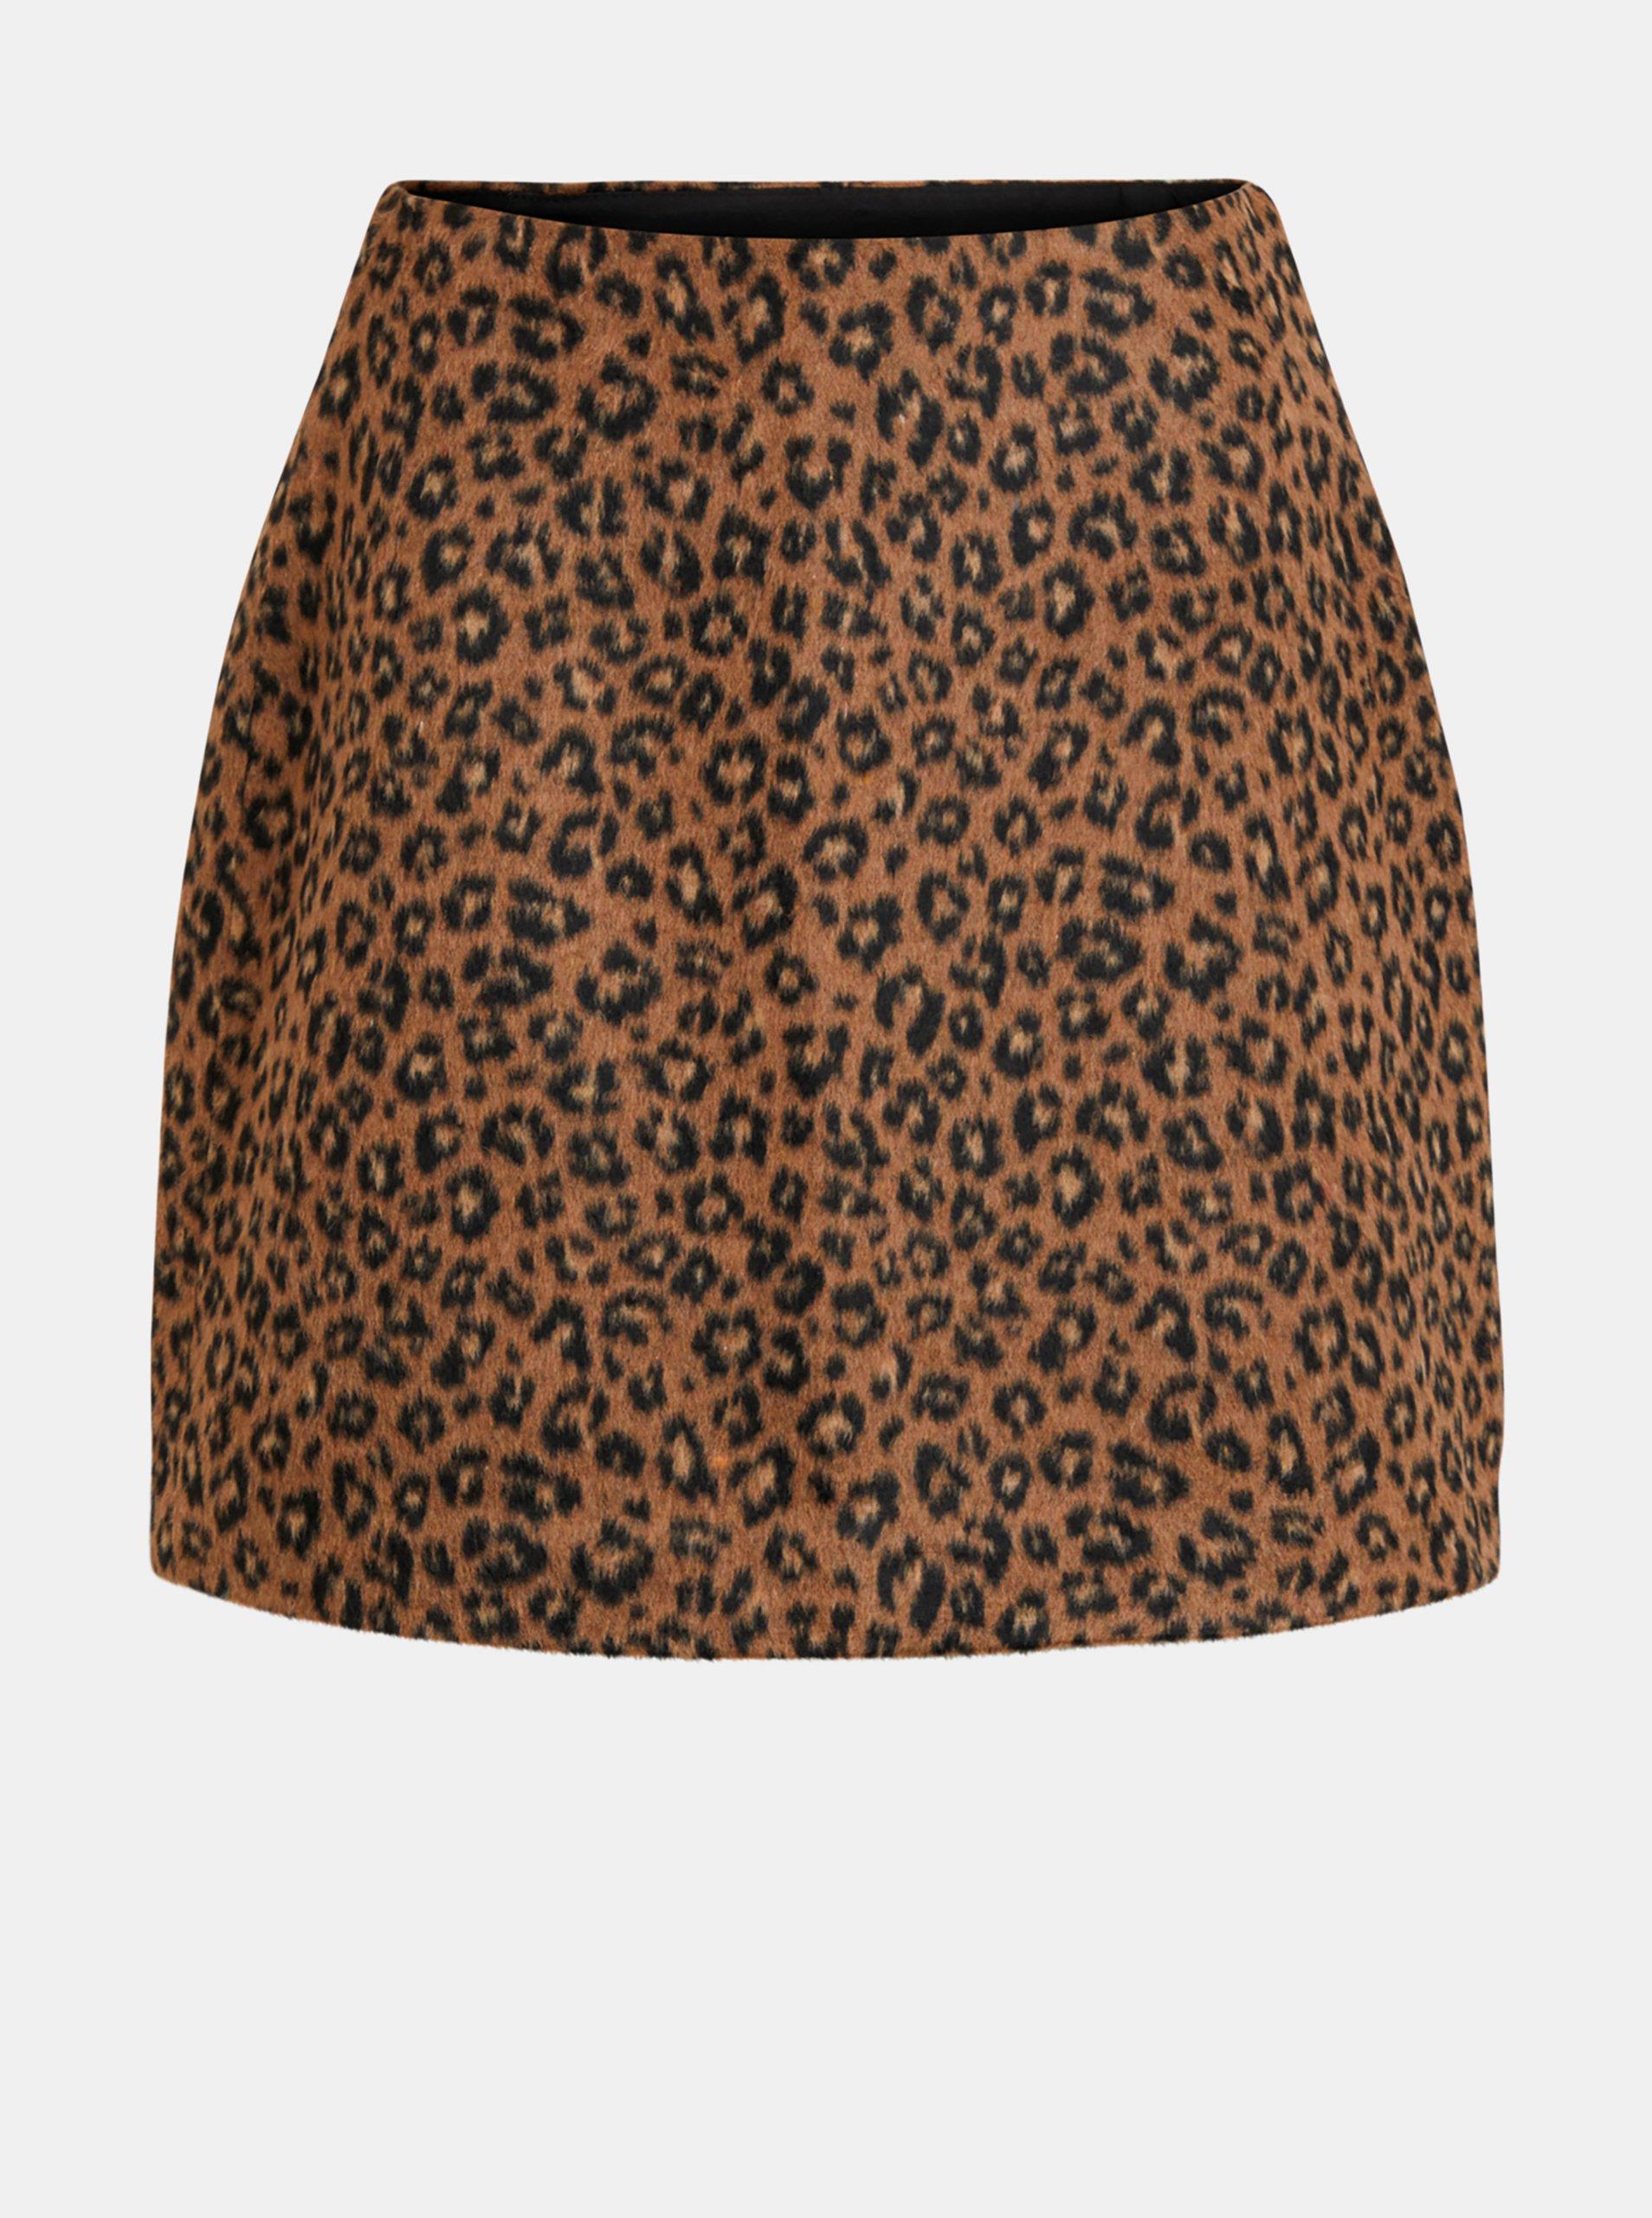 Hnedá sukňa s leopardím vzorom VILA Junila.